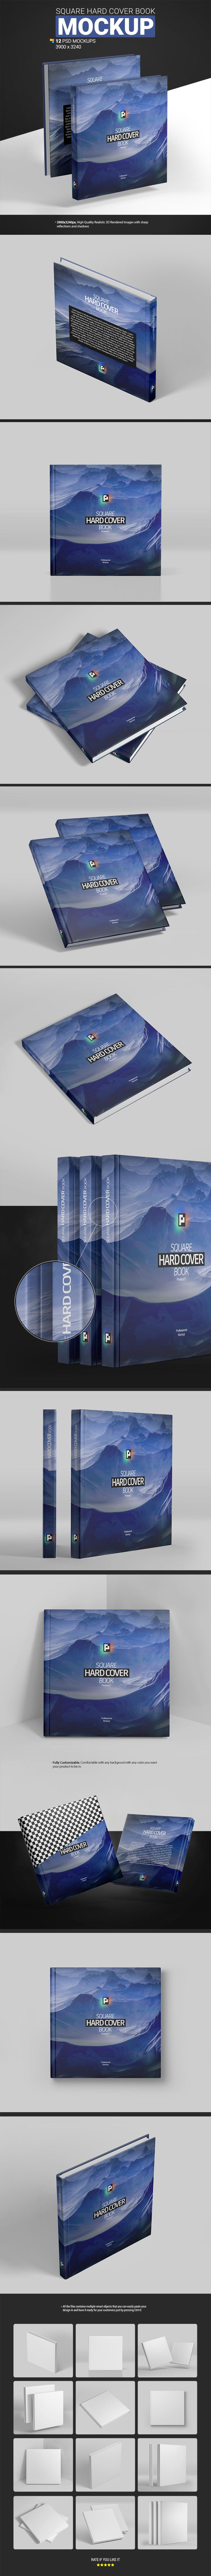 12款方形精装书封面设计贴图样机PSD模板素材 Square Hard Cover Book Mockup插图